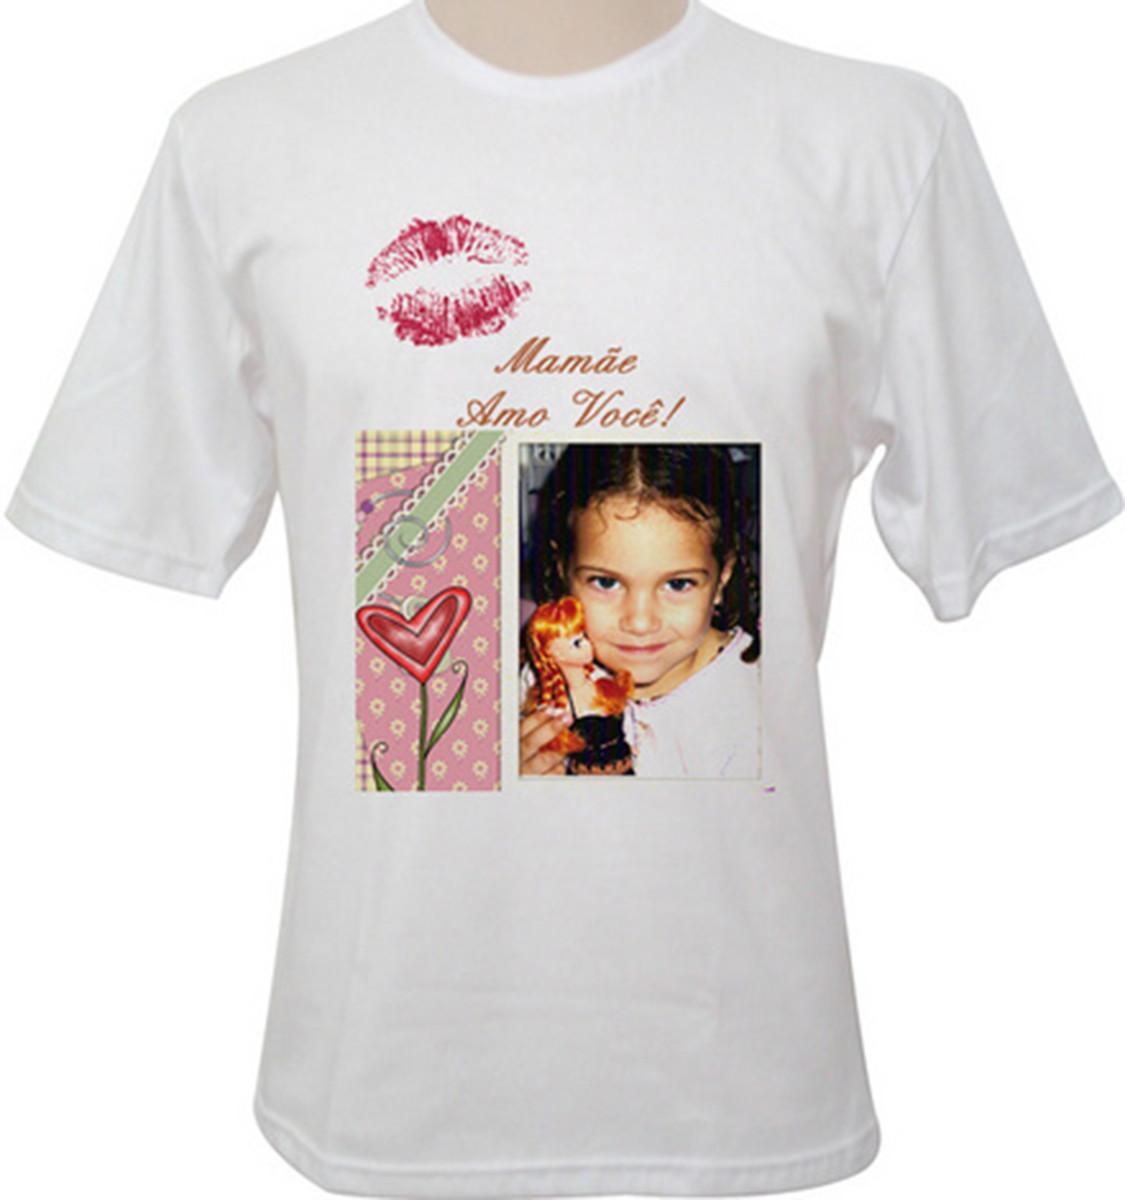 Camiseta Com Foto E Frase